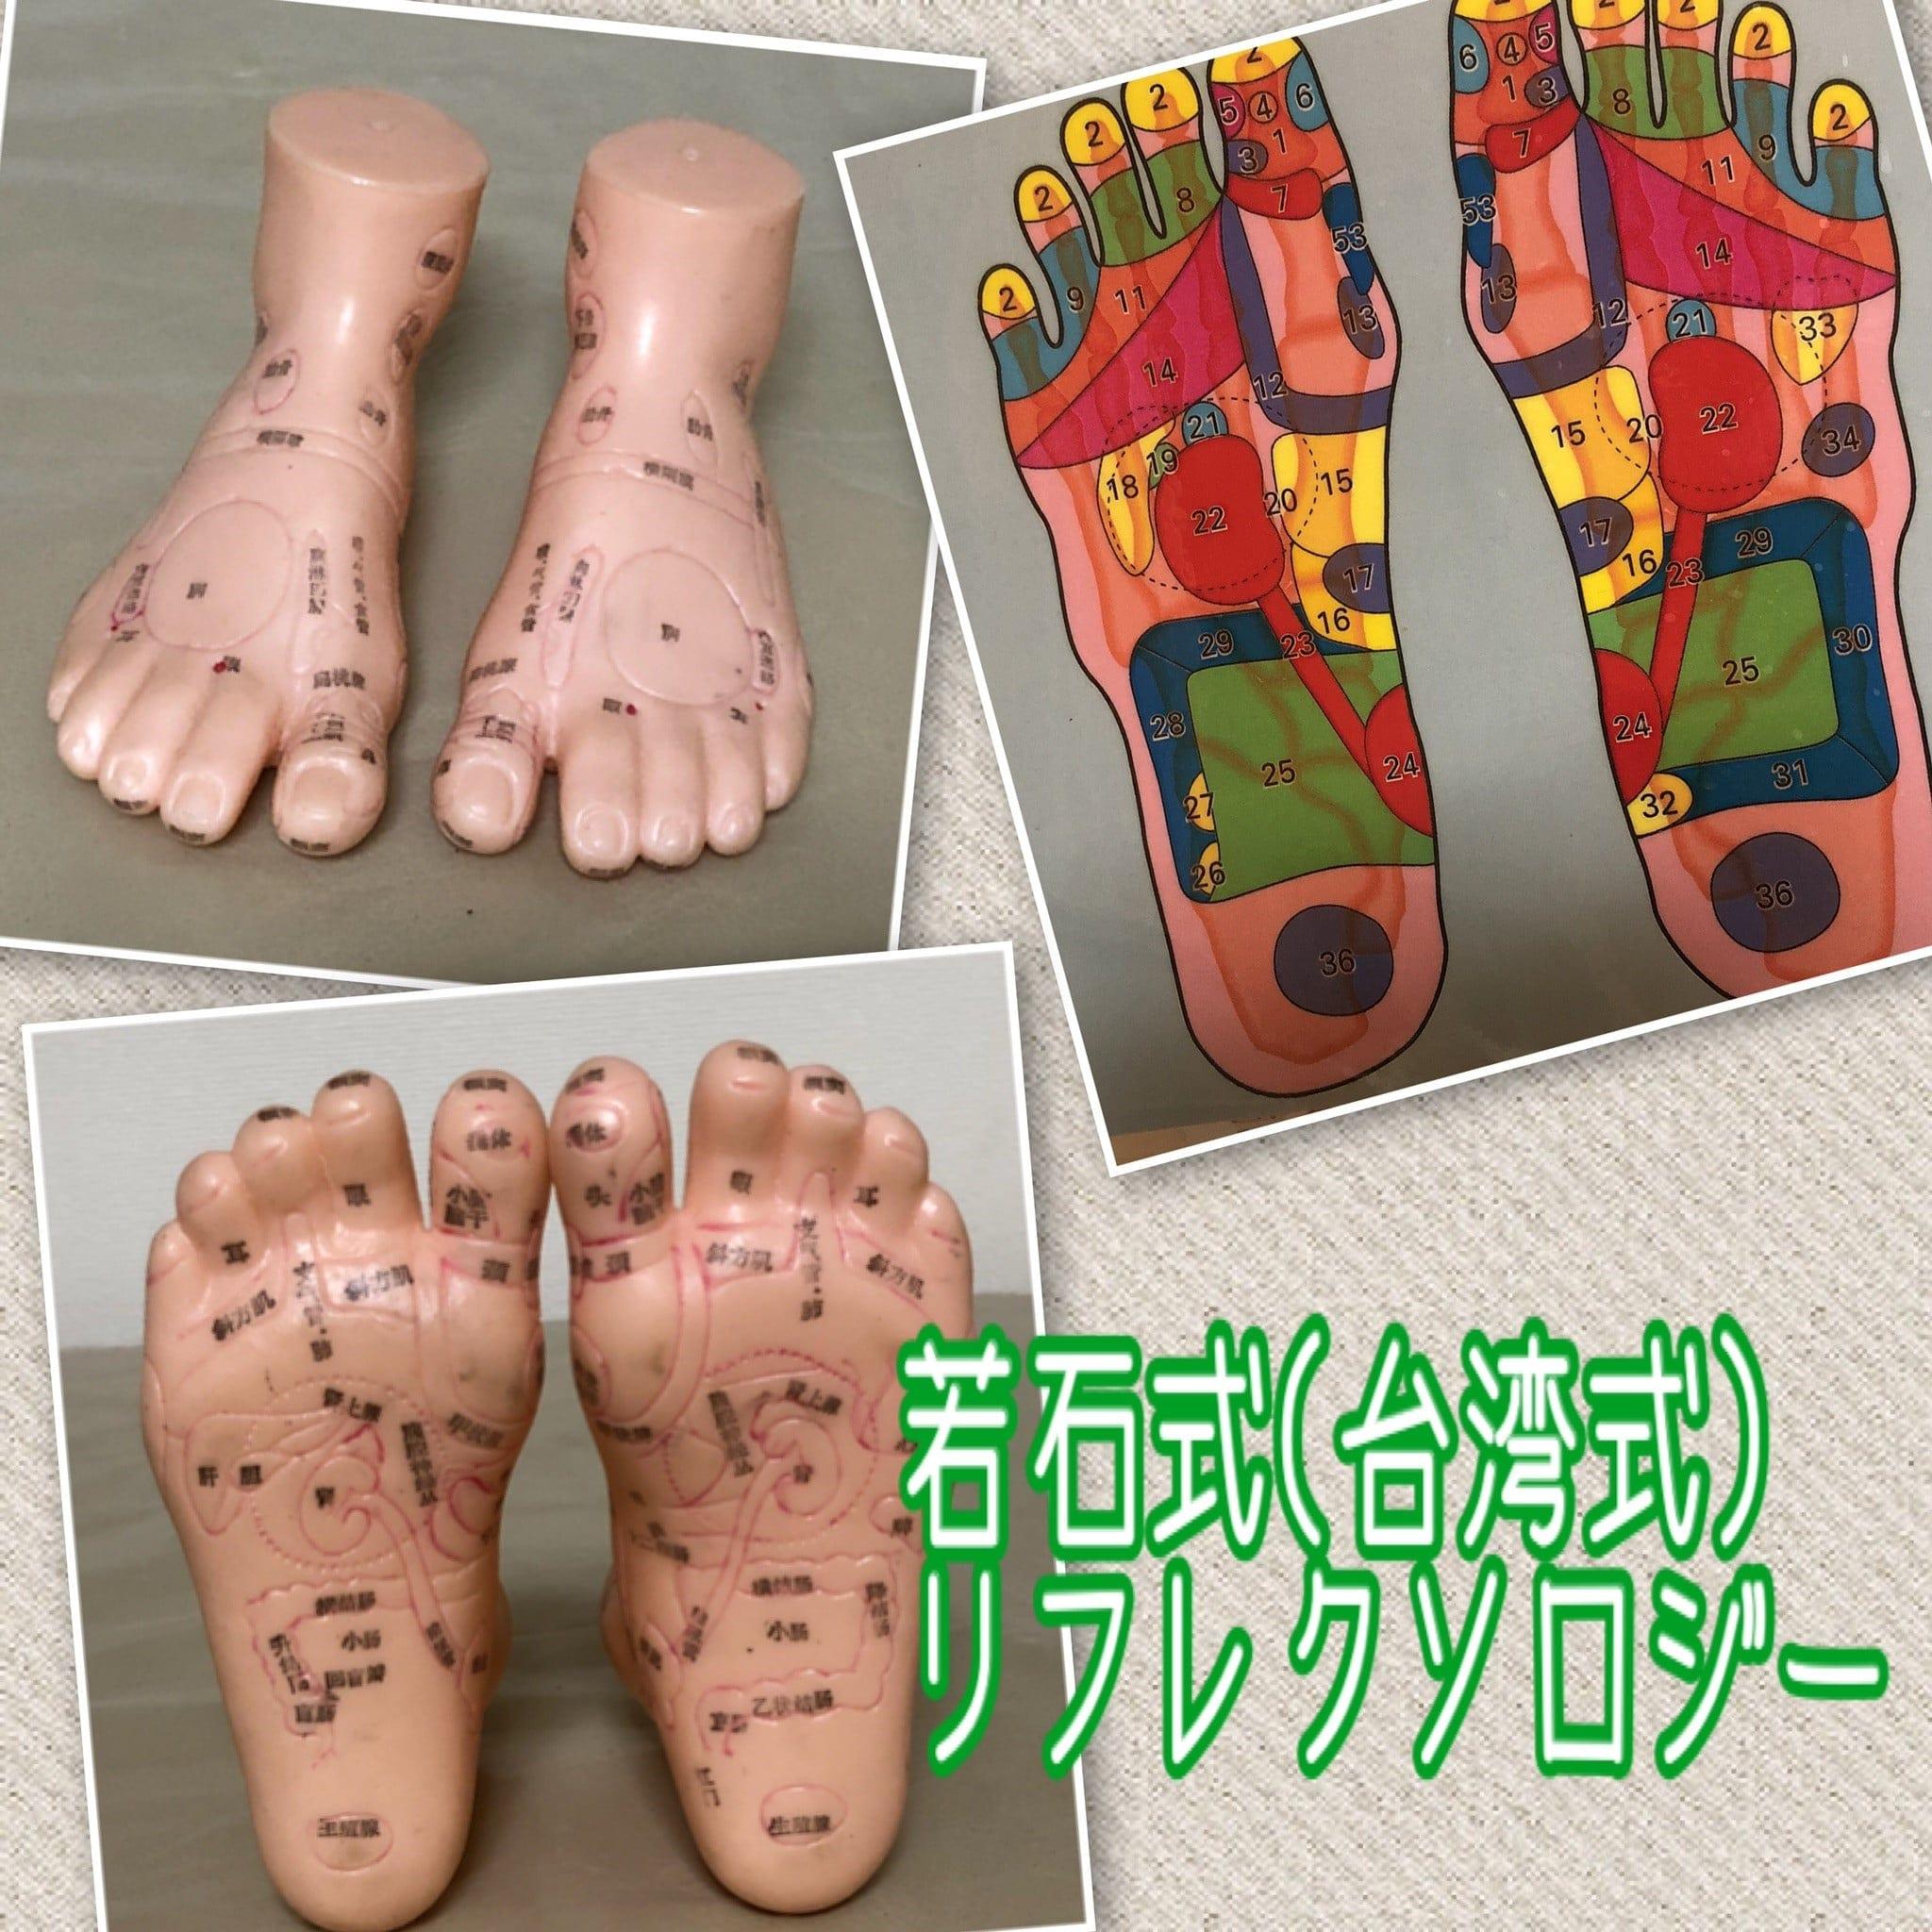 若石式(台湾式)足もみのイメージその1